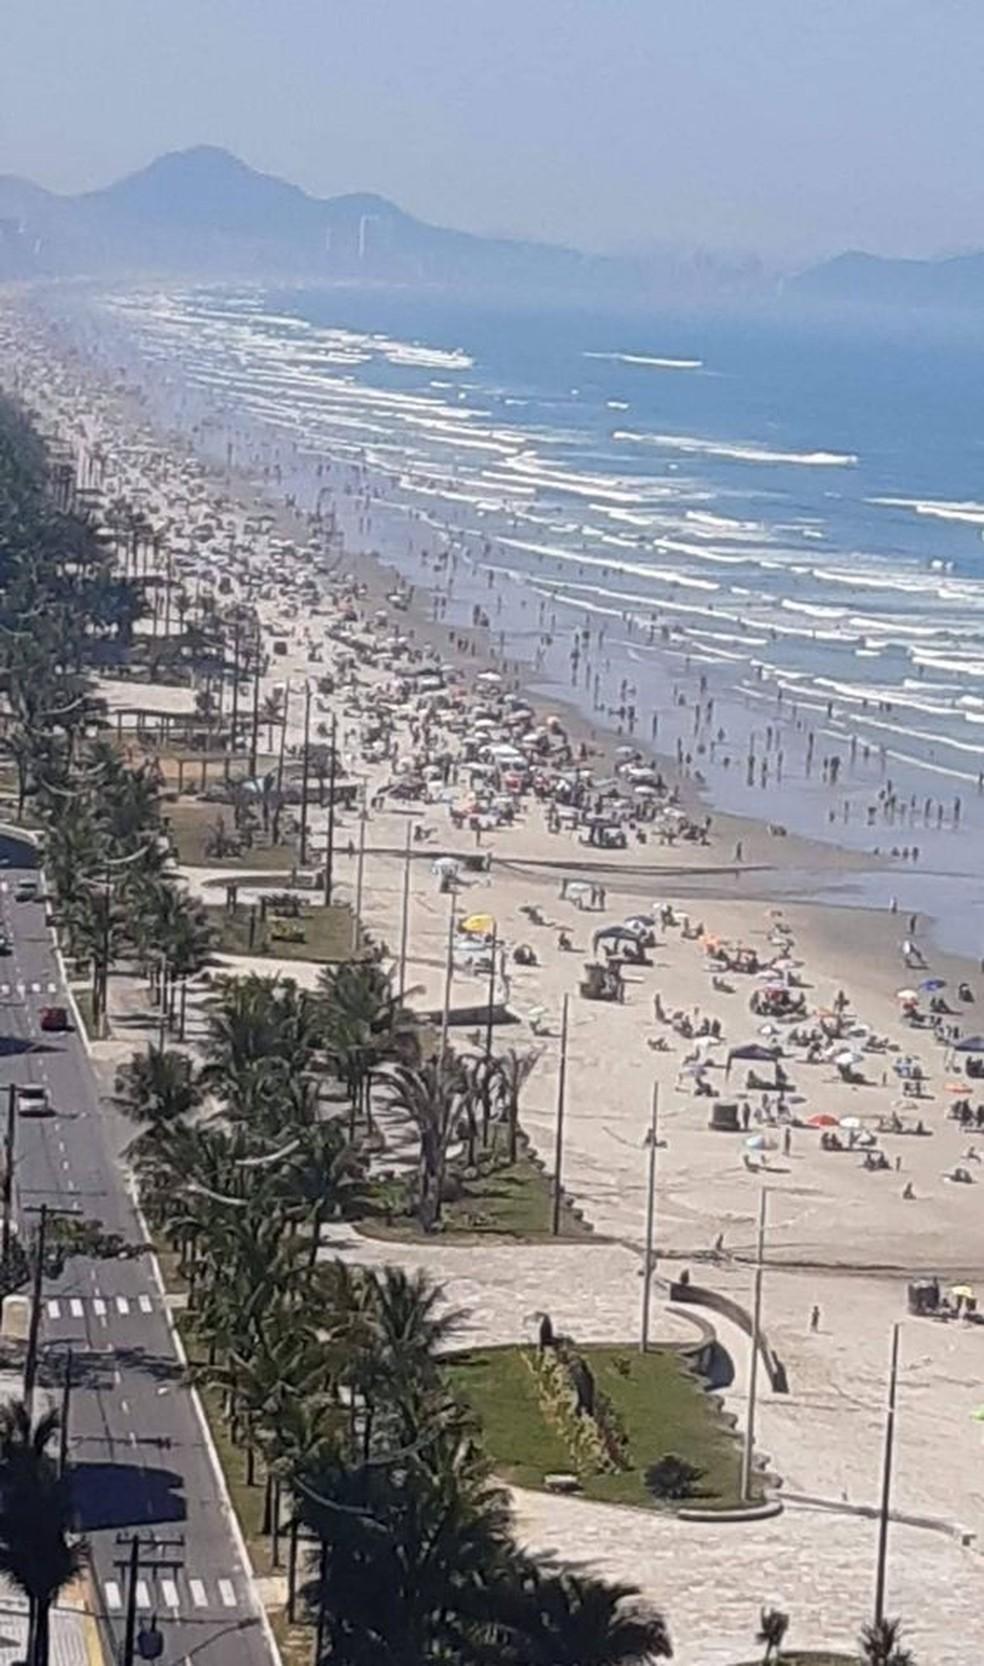 Orla de Praia Grande ficou lotada neste domingo (30) — Foto: Reprodução/ Praia Grande Mil Grau